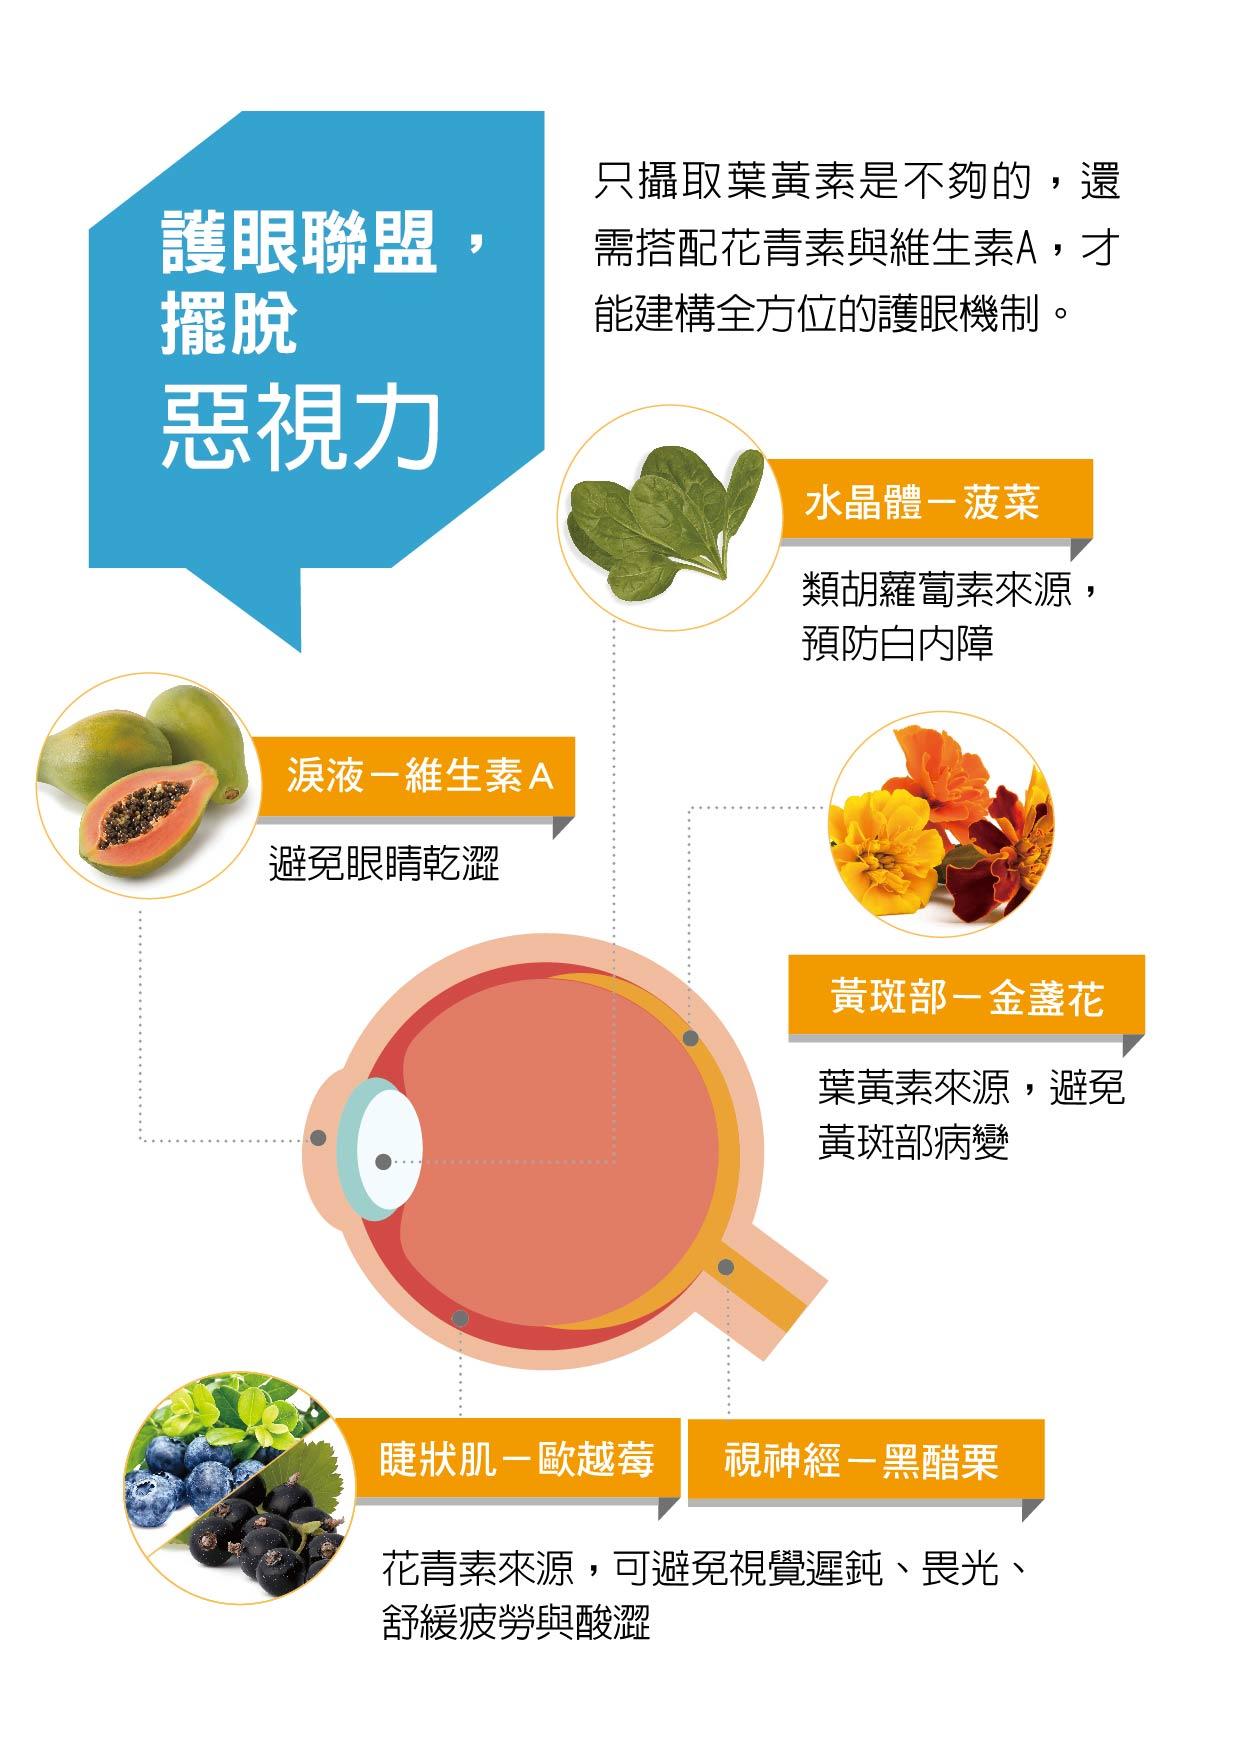 保護眼睛的營養素